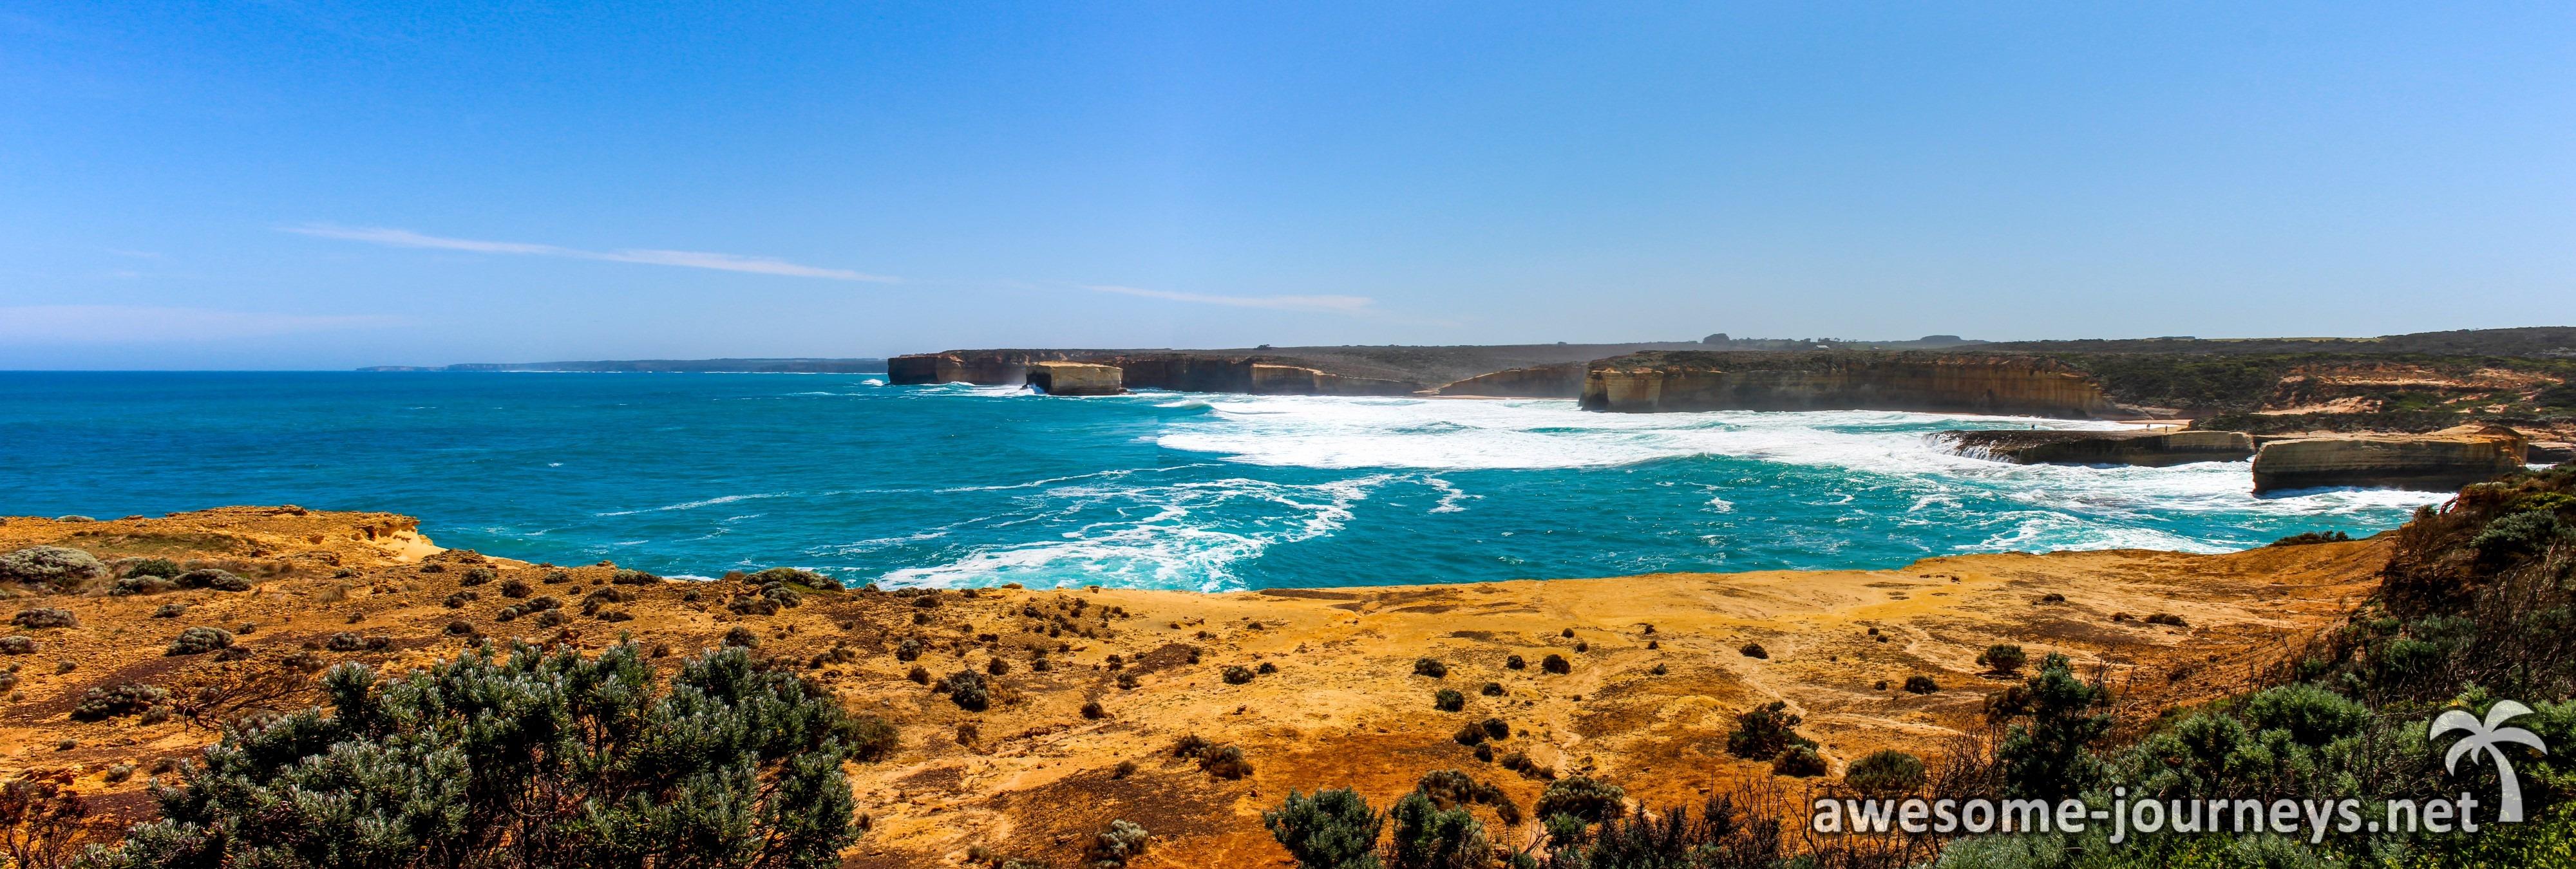 australien_great_ocean_road_lochardgorge_4